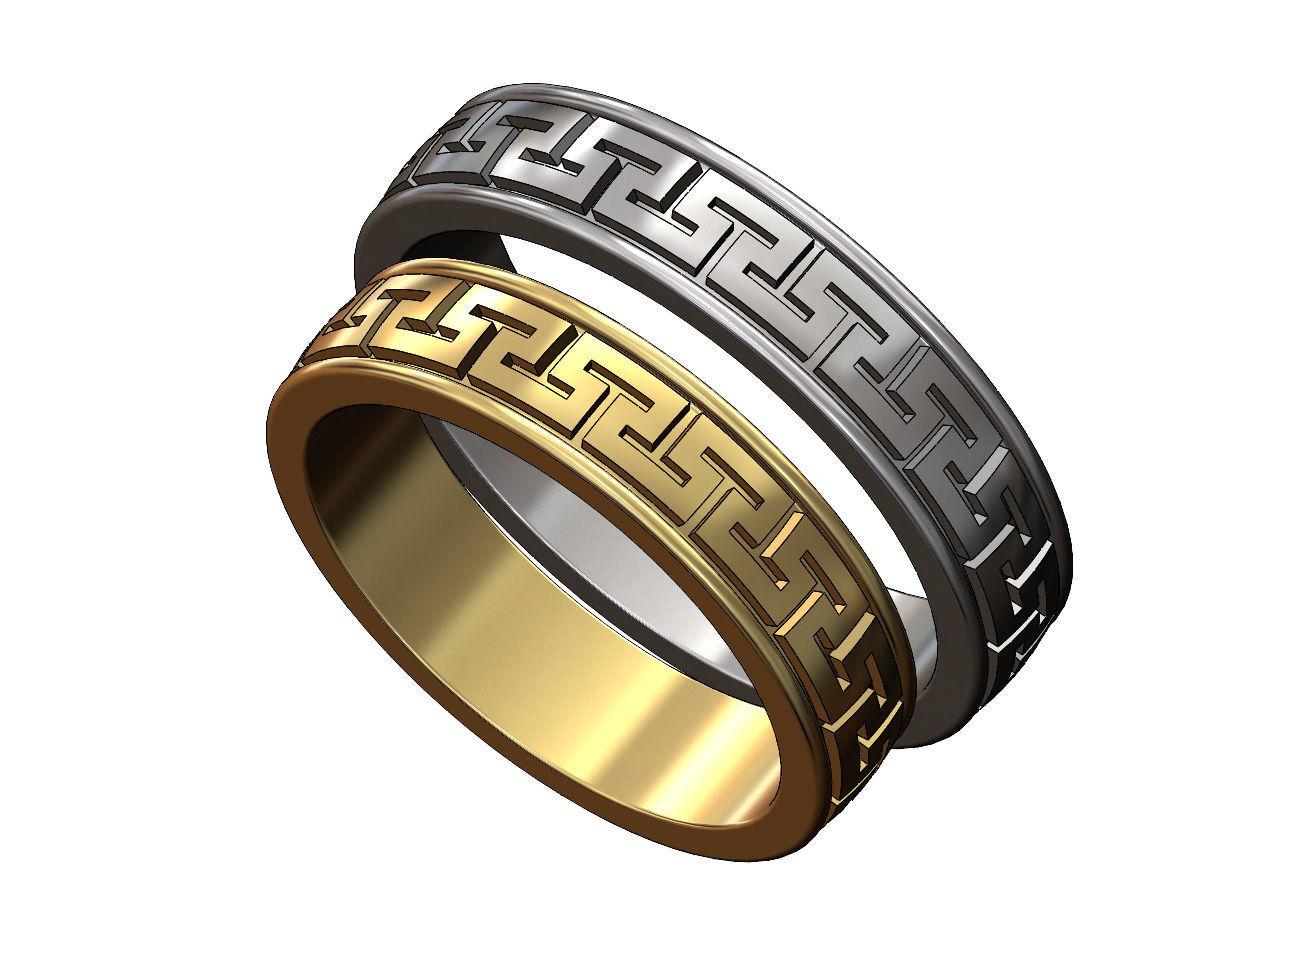 Meandre Greek key pattern ring